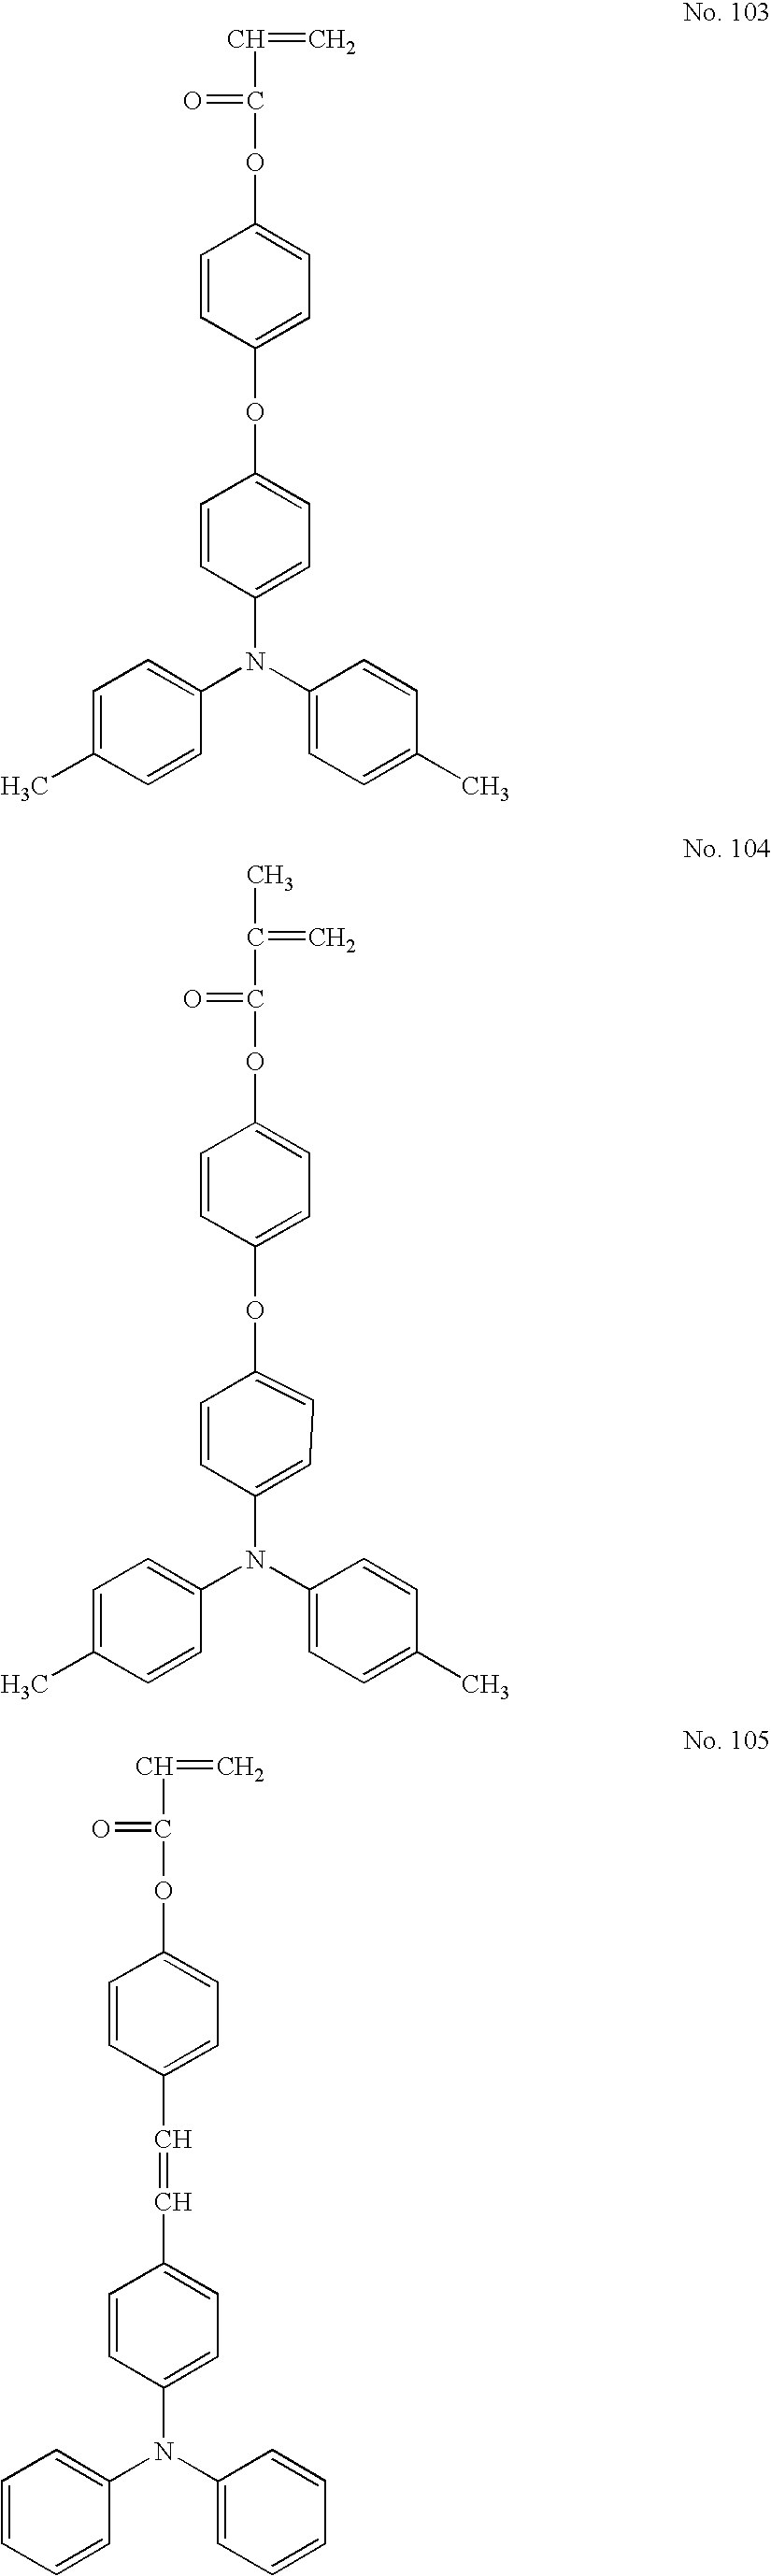 Figure US07824830-20101102-C00051